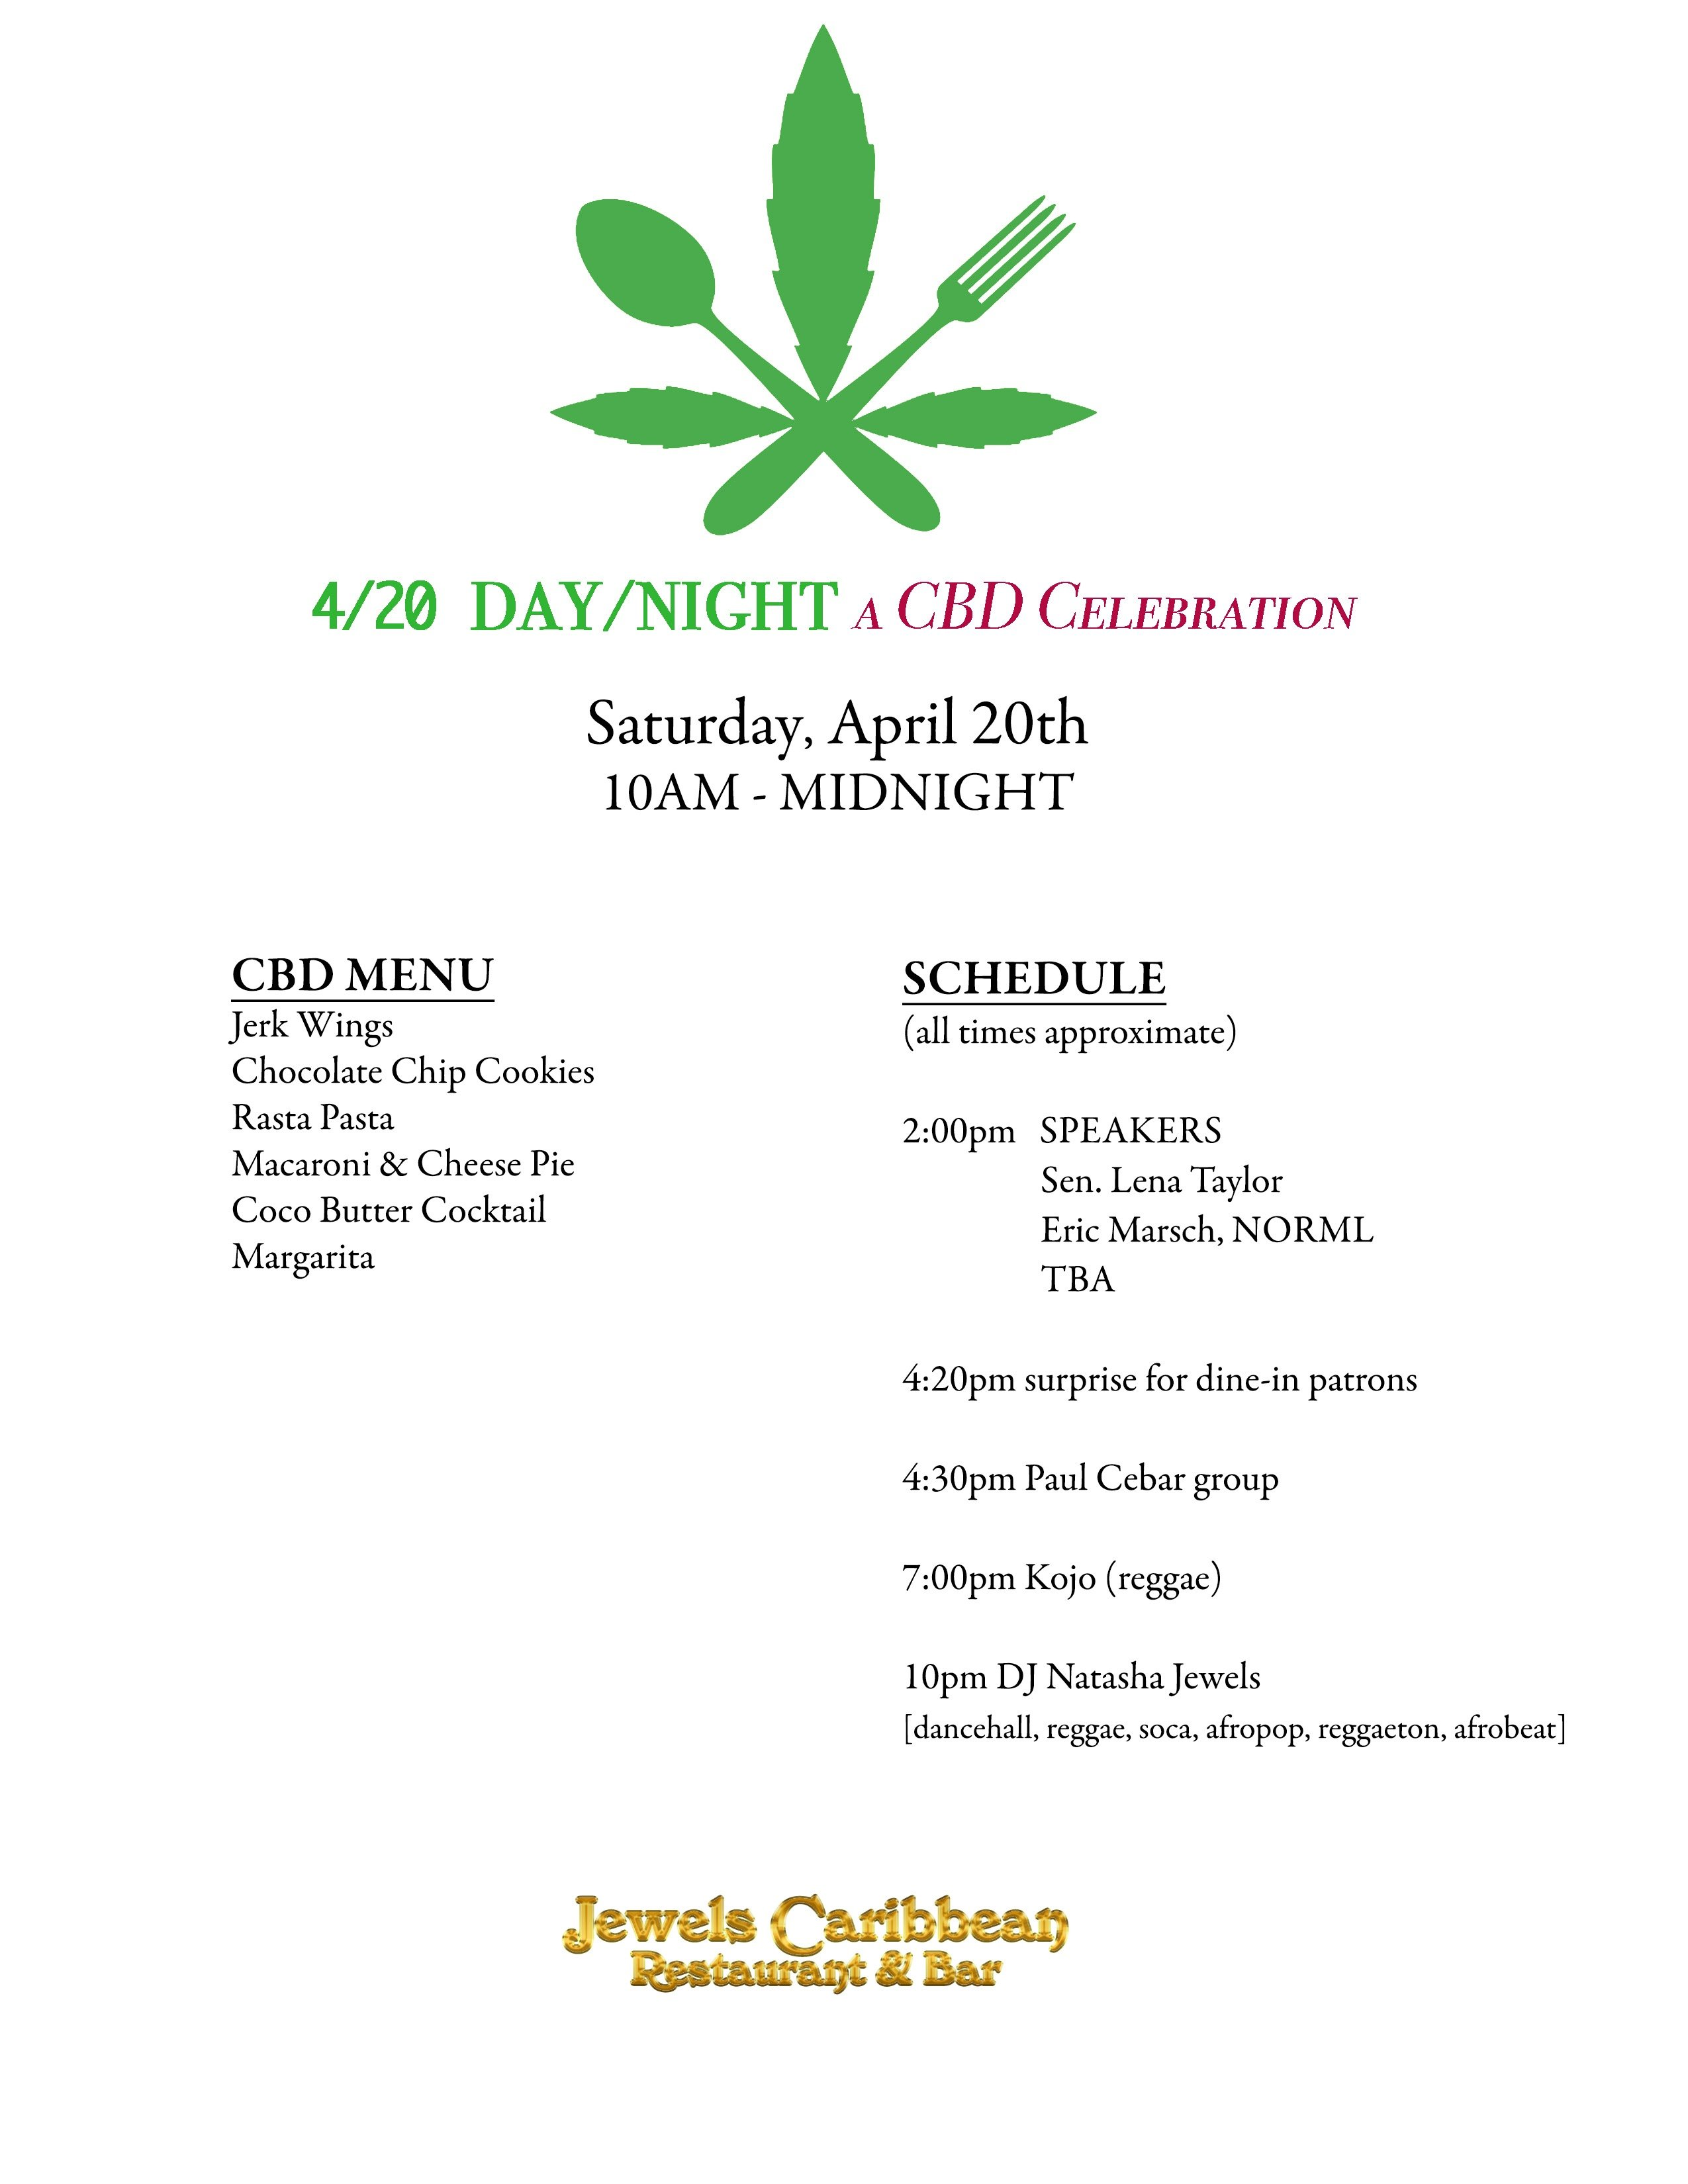 4/20 Day/Night: A CBD Celebration - Shepherd Express